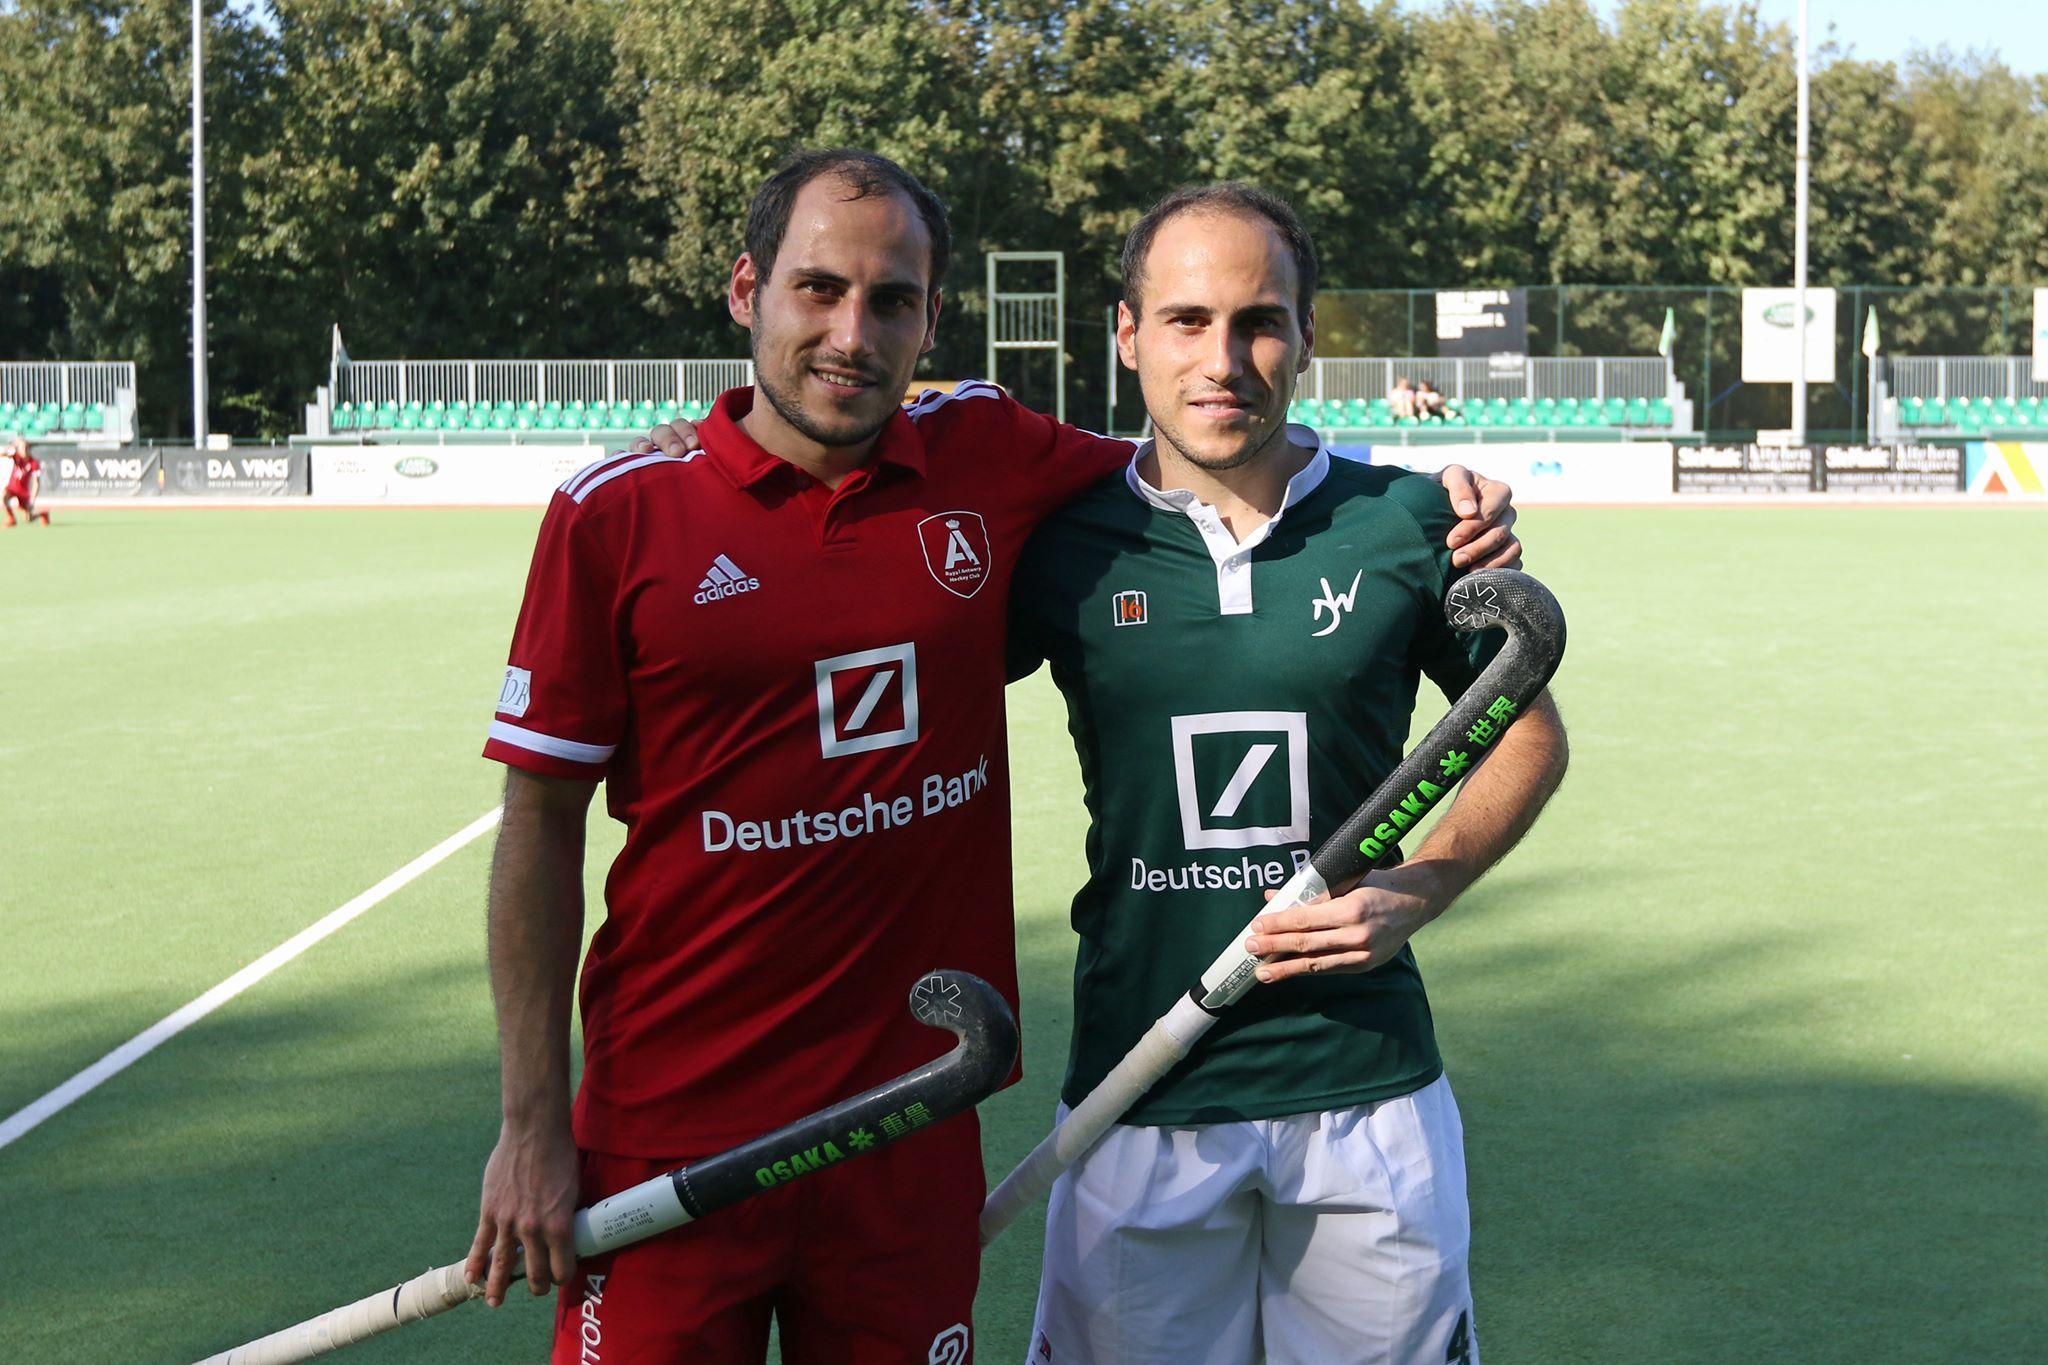 De tweeling wordt weer verenigd: Pieter en Niels van Straaten uit Leiderdorp hockeyen komend seizoen samen bij het Belgische Royal Antwerp